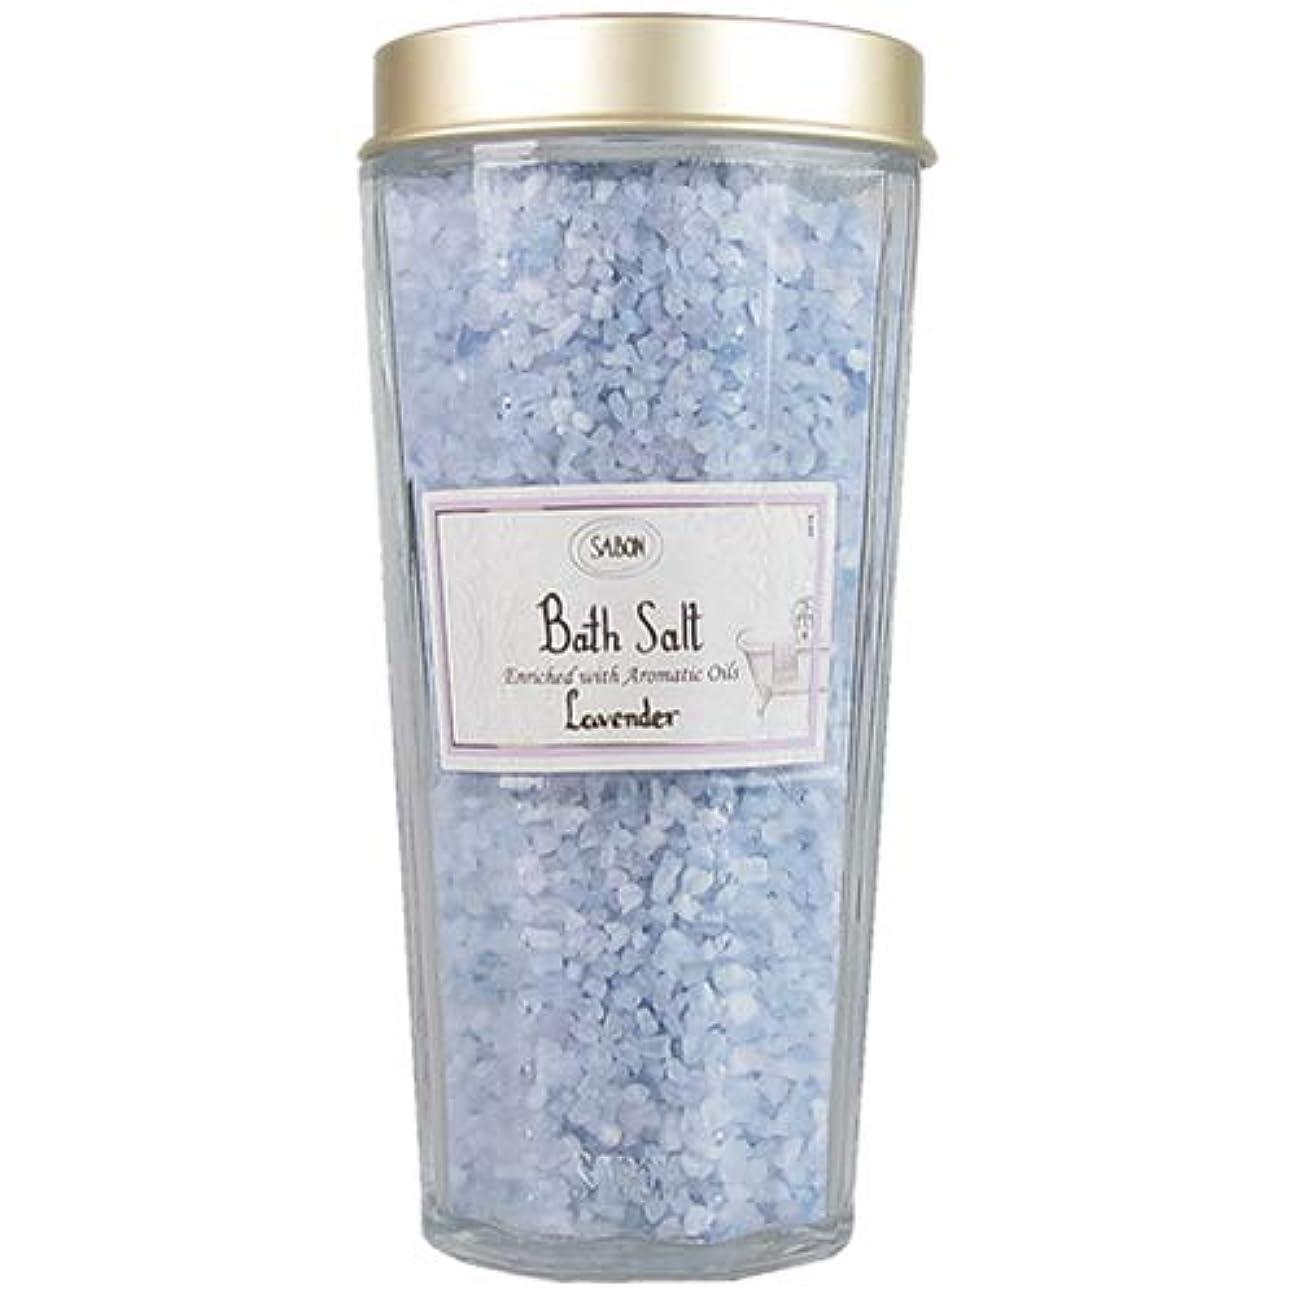 ケージボイラーモードリンサボン バスソルト ラベンダー 350g SABON [入浴剤] Bath Salt [並行輸入品]